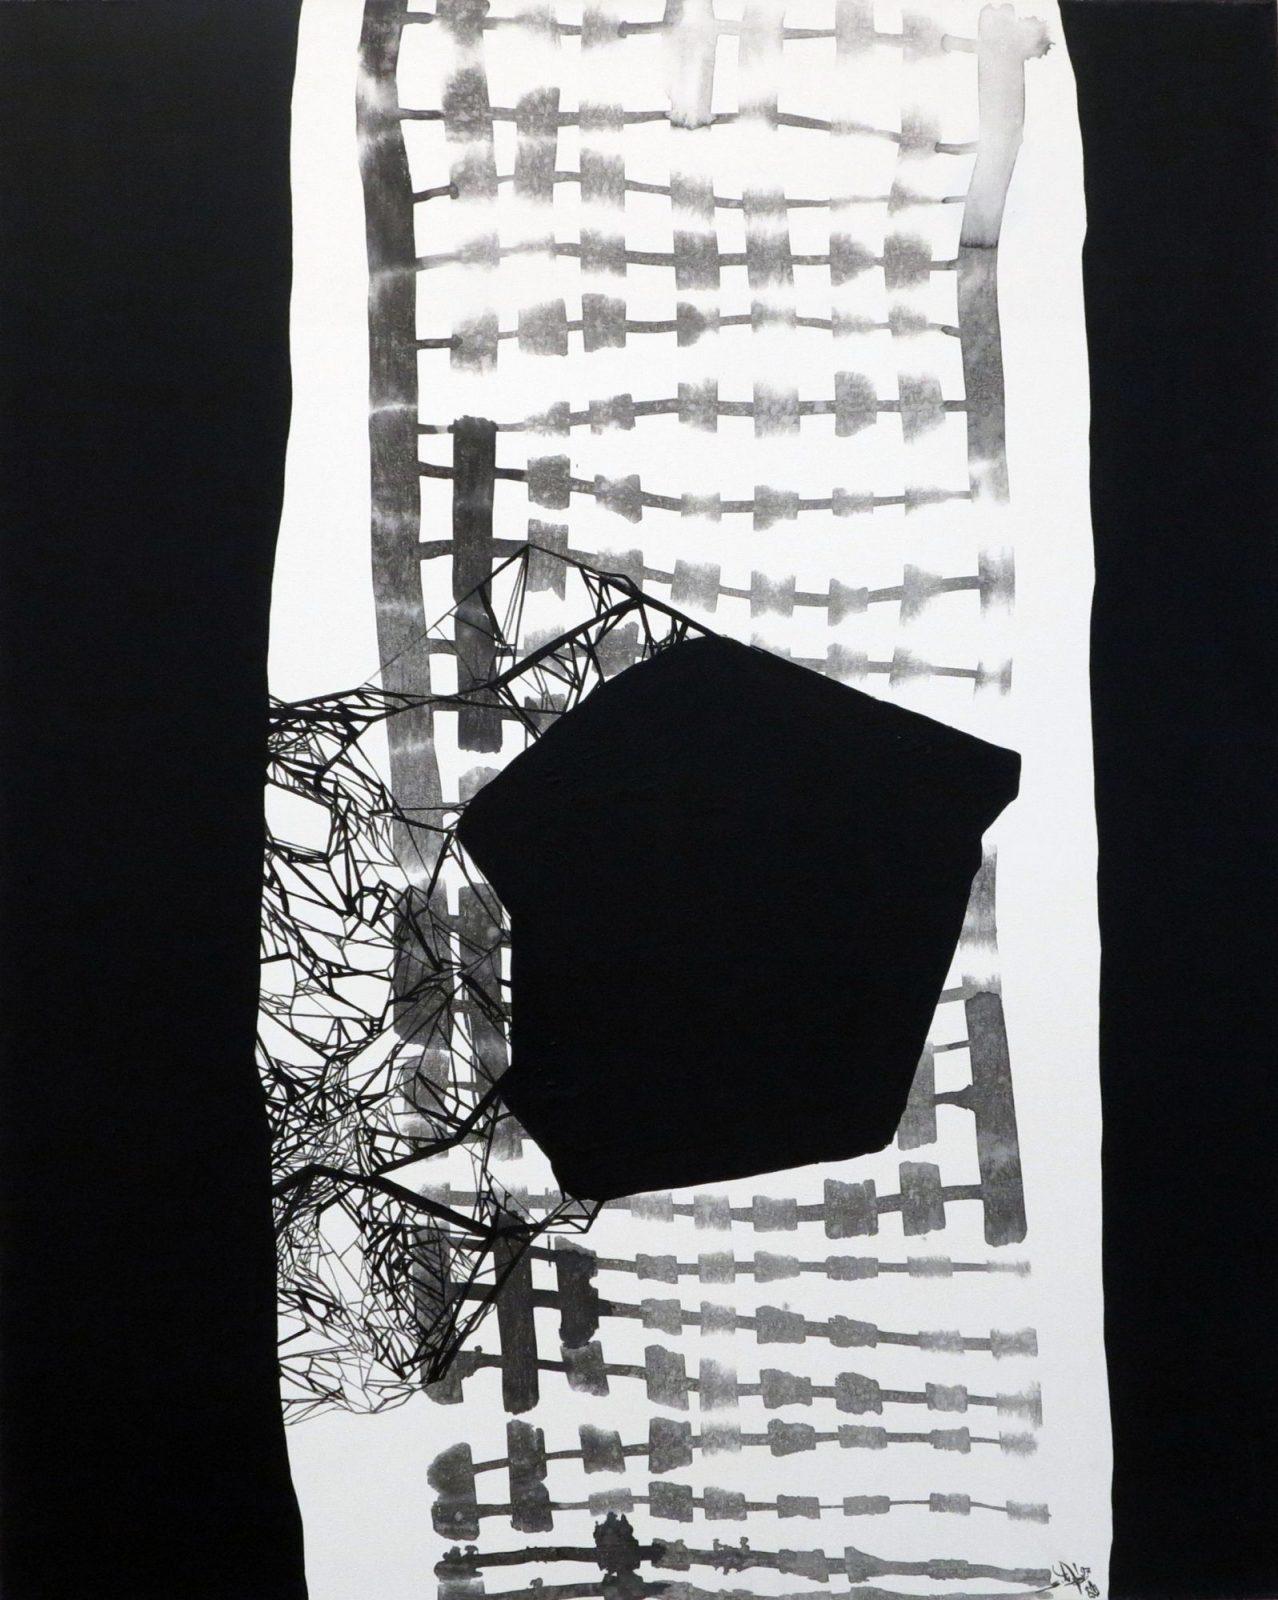 Szirtes János: Fekvő fa 52.